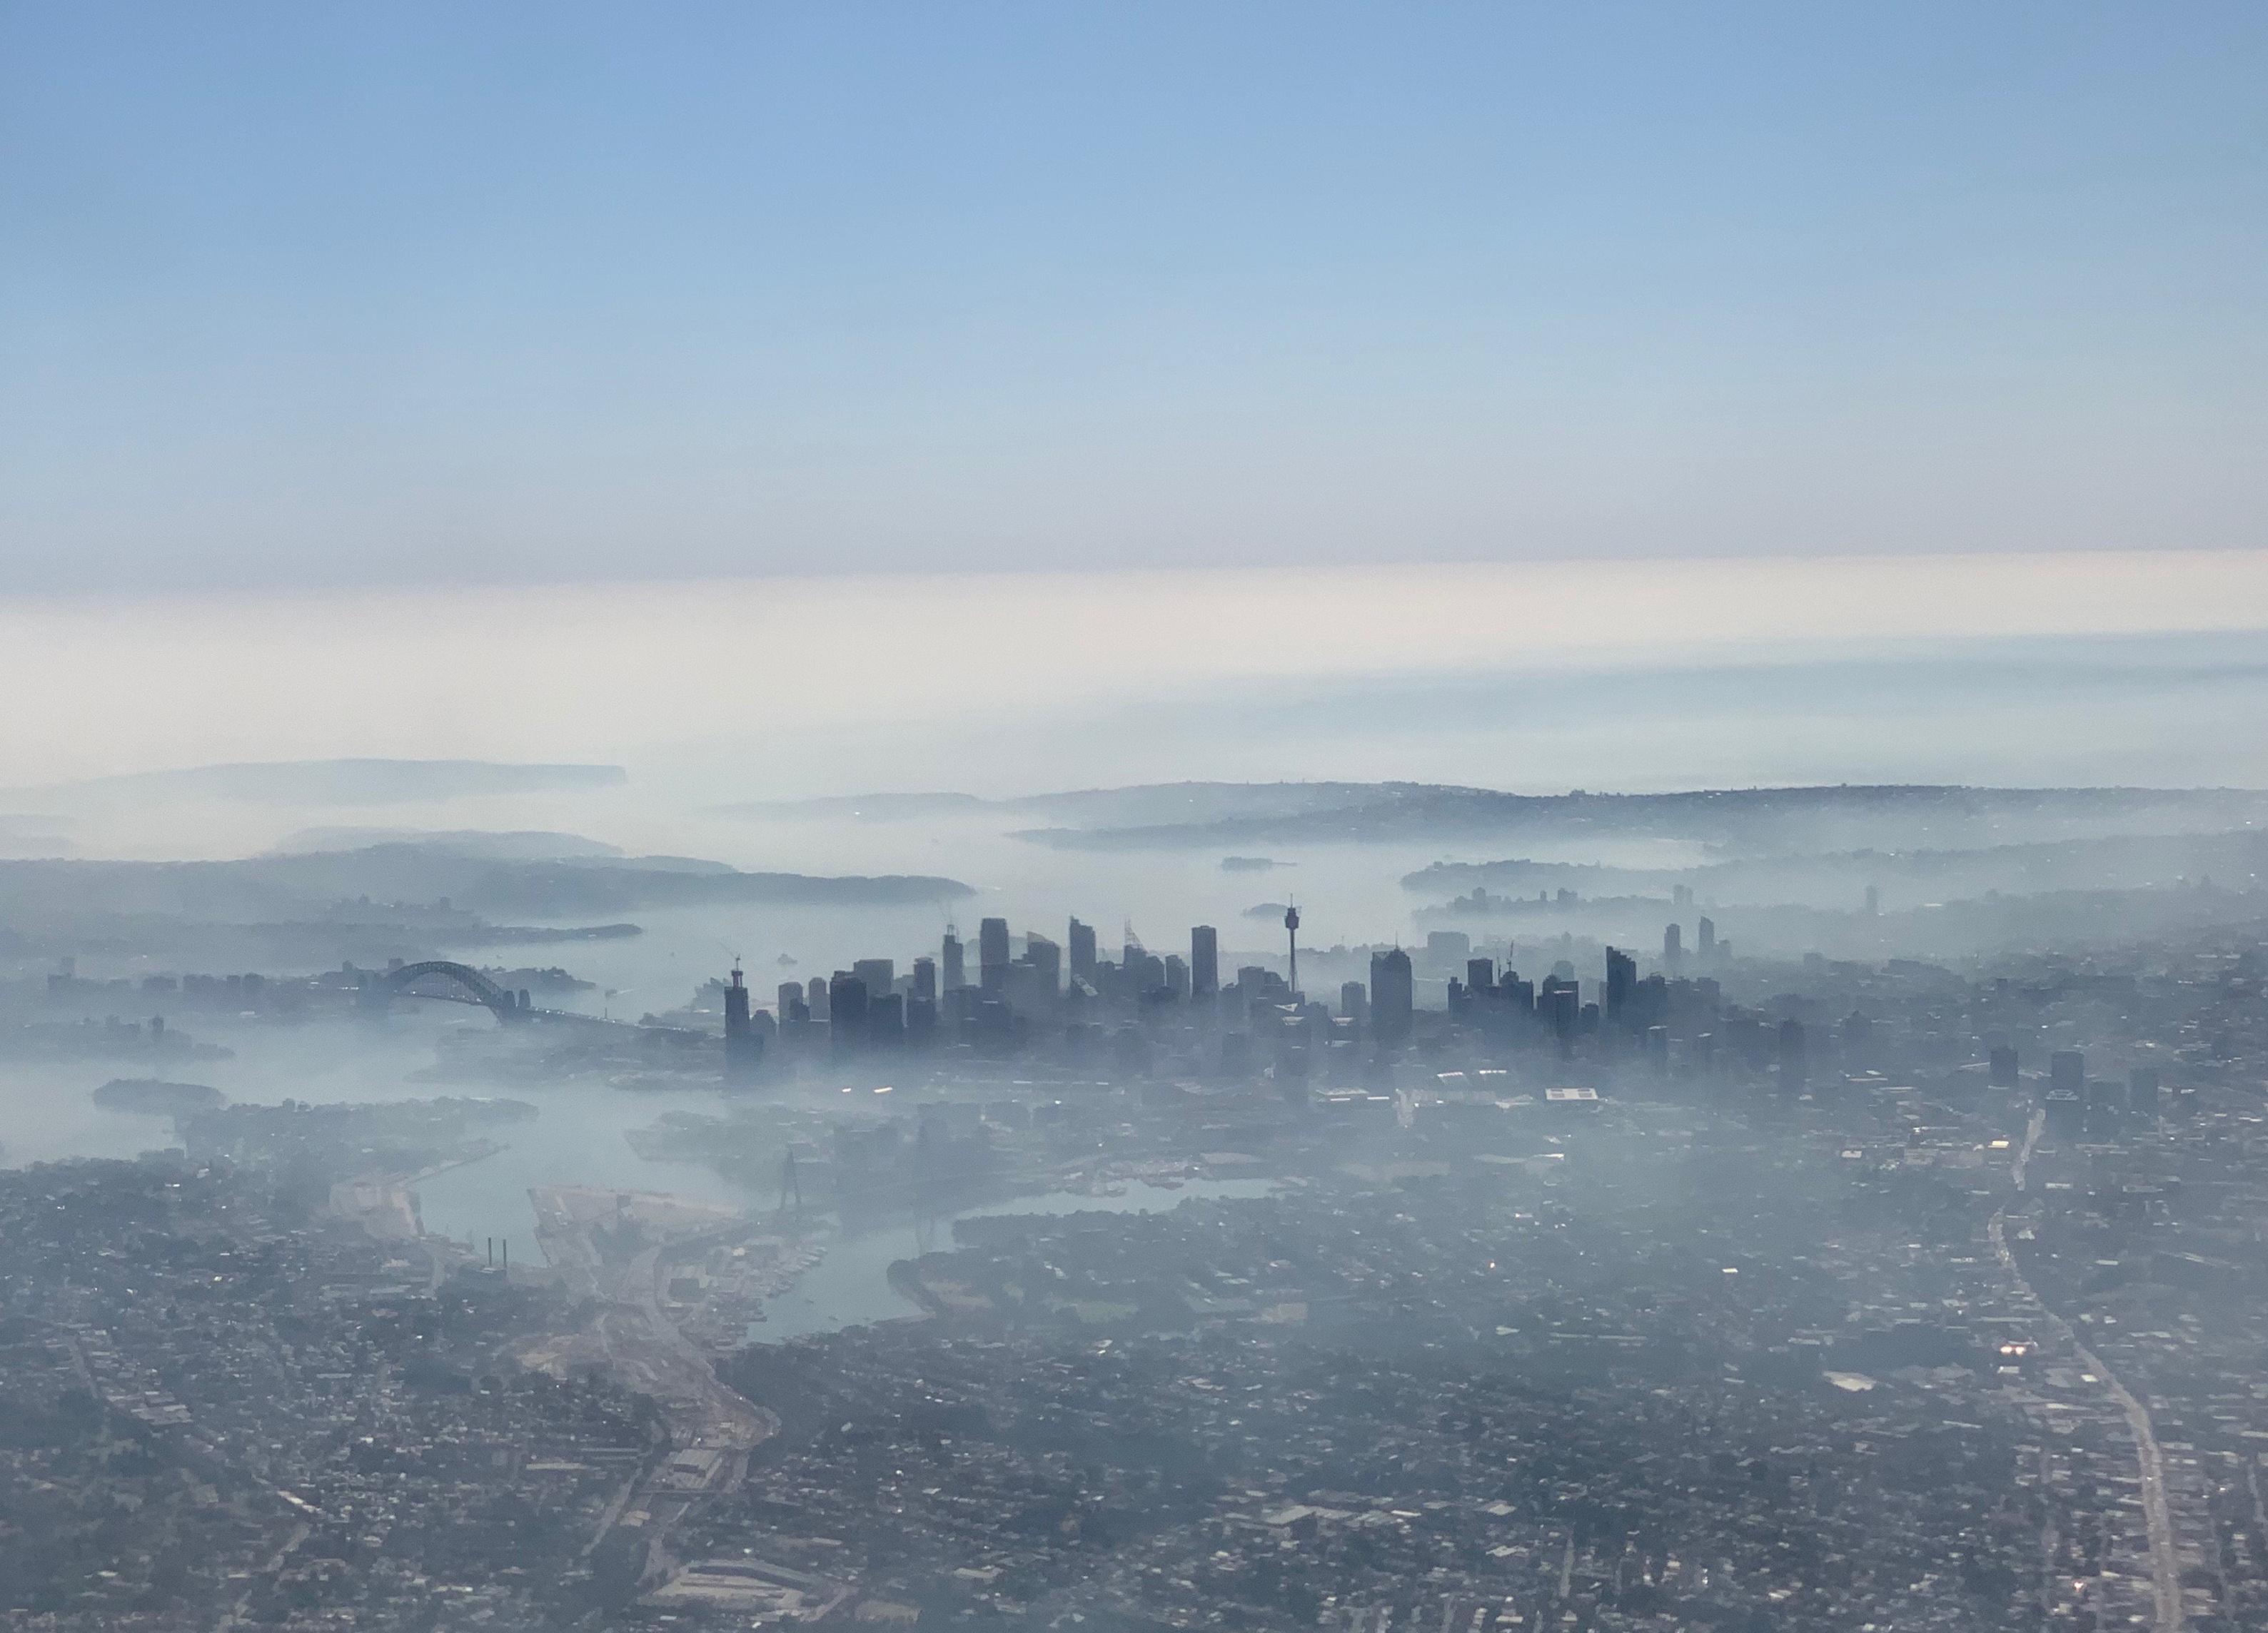 Πνίγεται στο νέφος εξαιτίας των πυρκαγιών το Σίδνεϊ! Στα ύψη η ατμοσφαιρική μόλυνση – pic